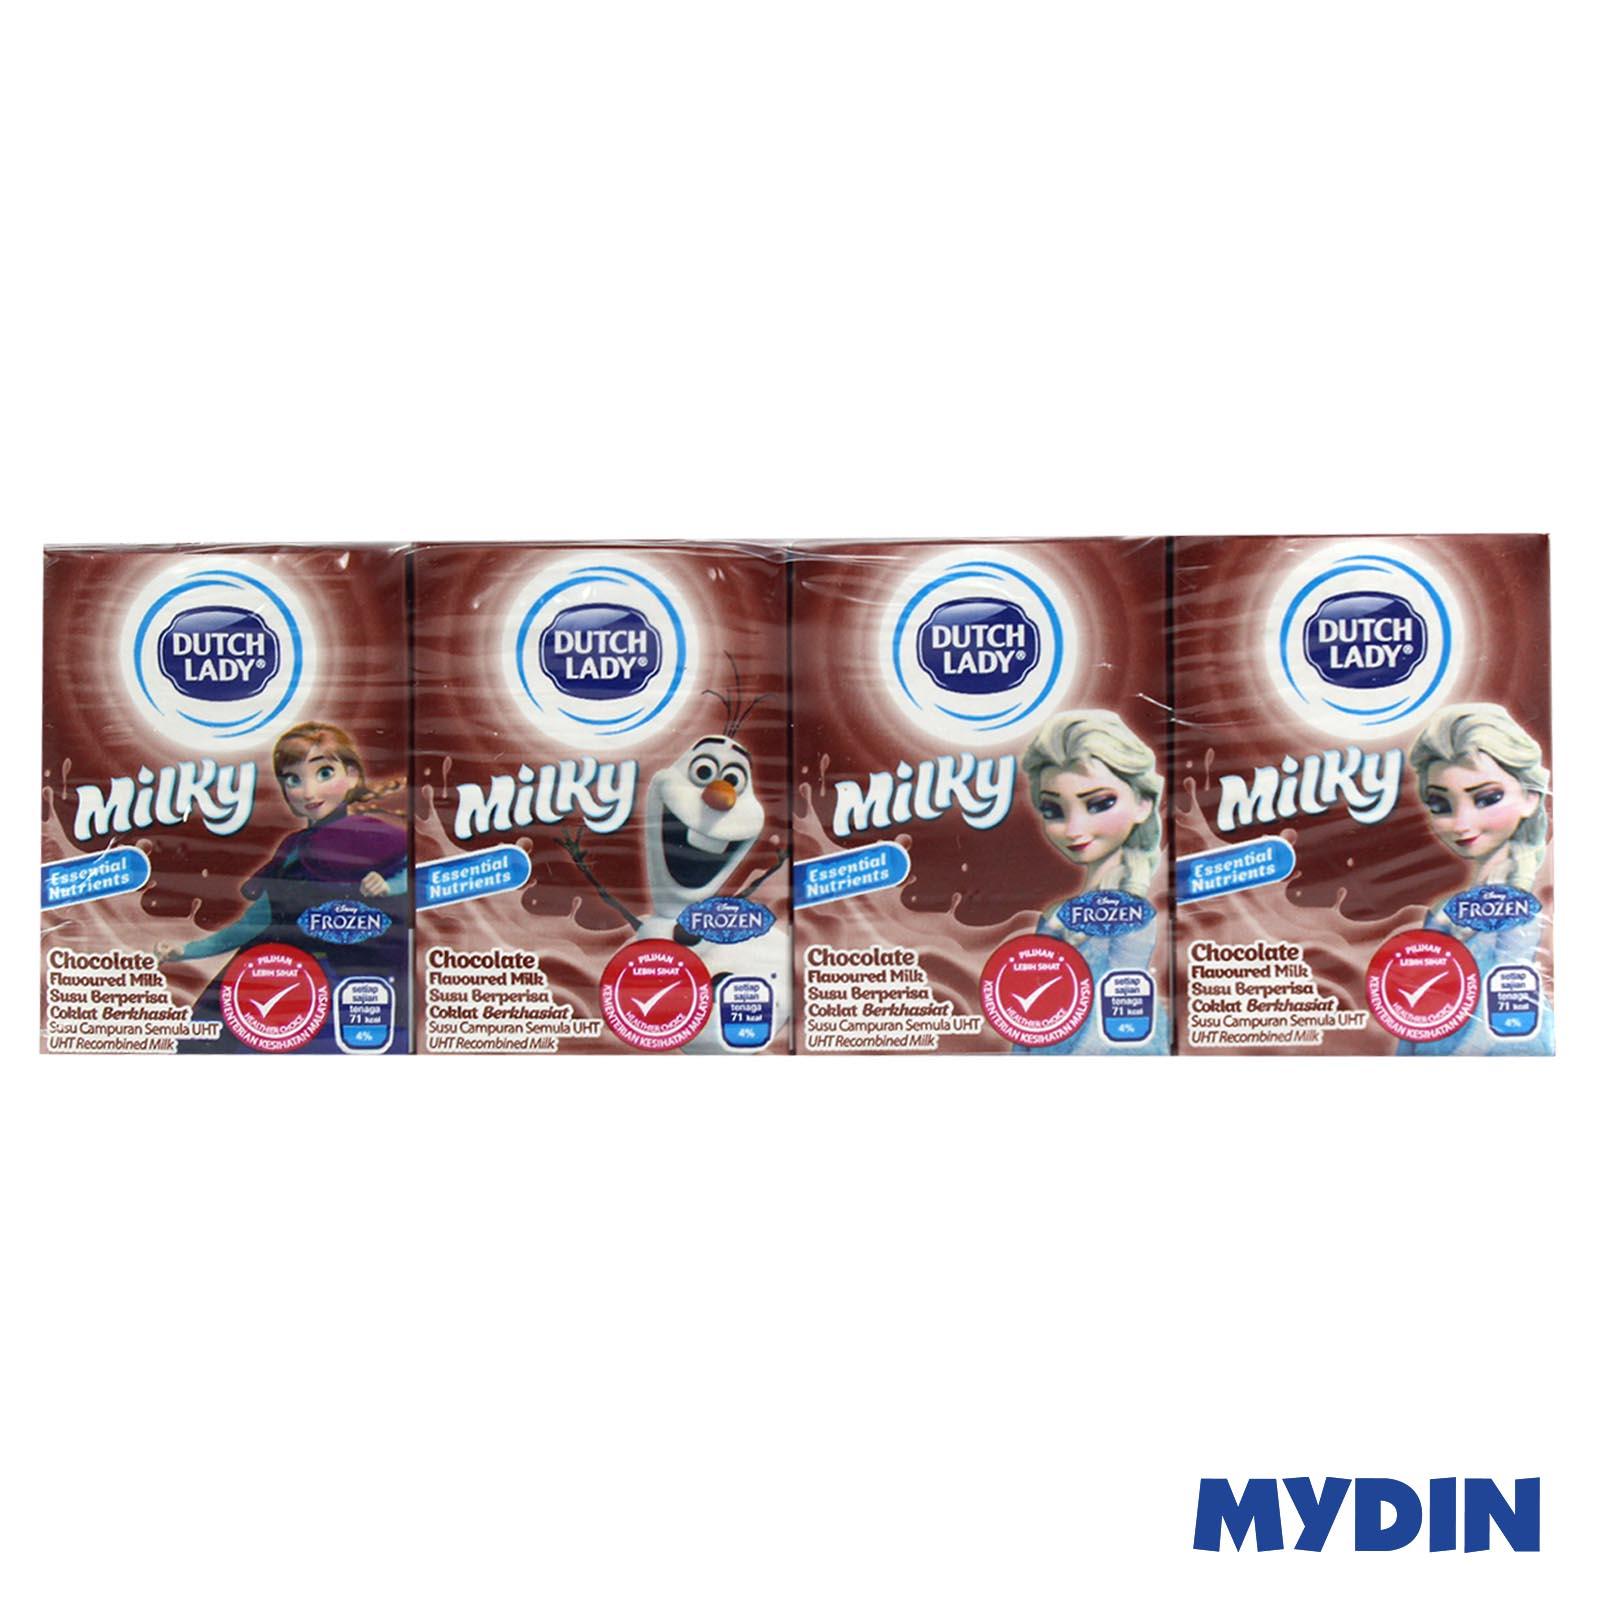 Dutch lady UHT Frozen Milk (125ml x 4) - 2 Variants